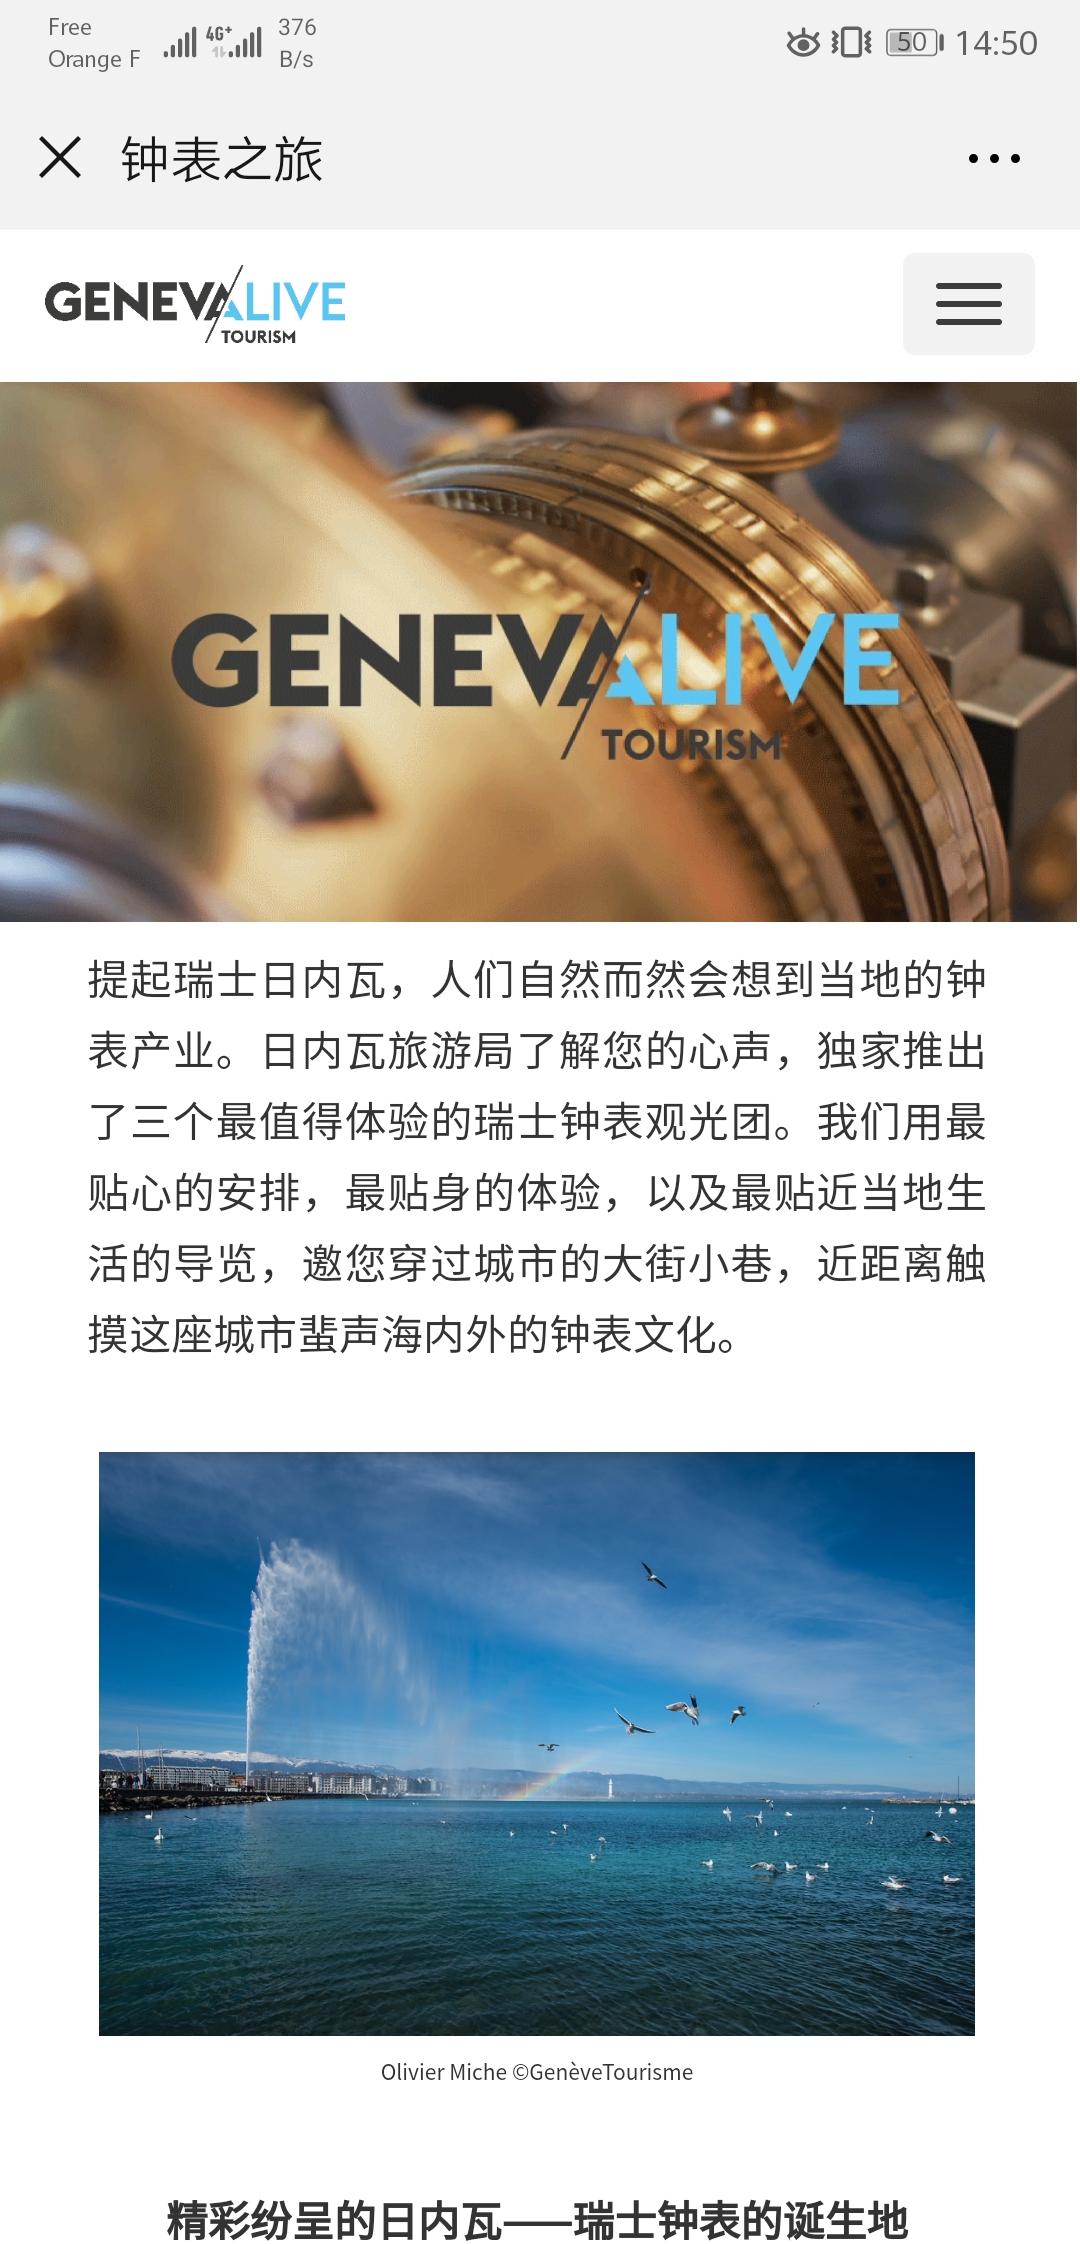 GENEVA TOURISM WeChat official account